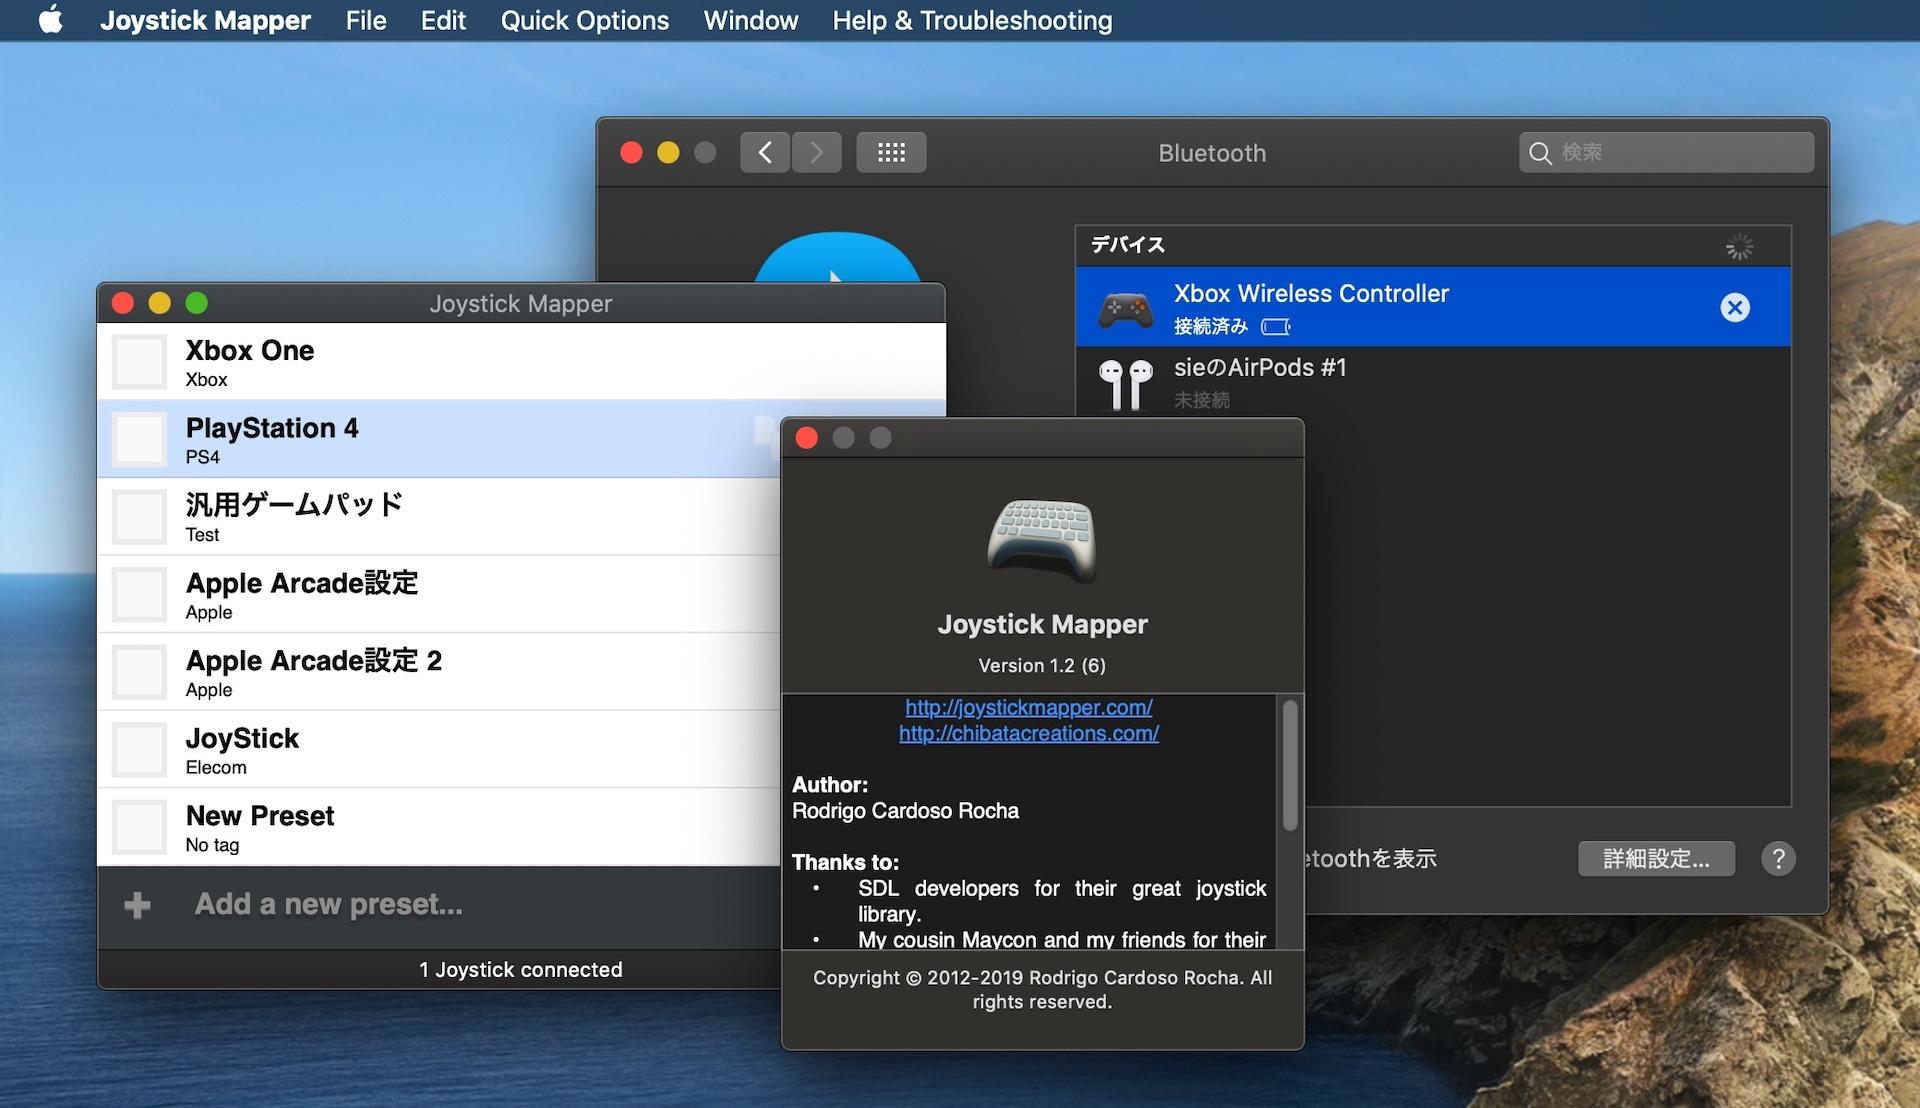 Joystick Mapper for Mac v1.2